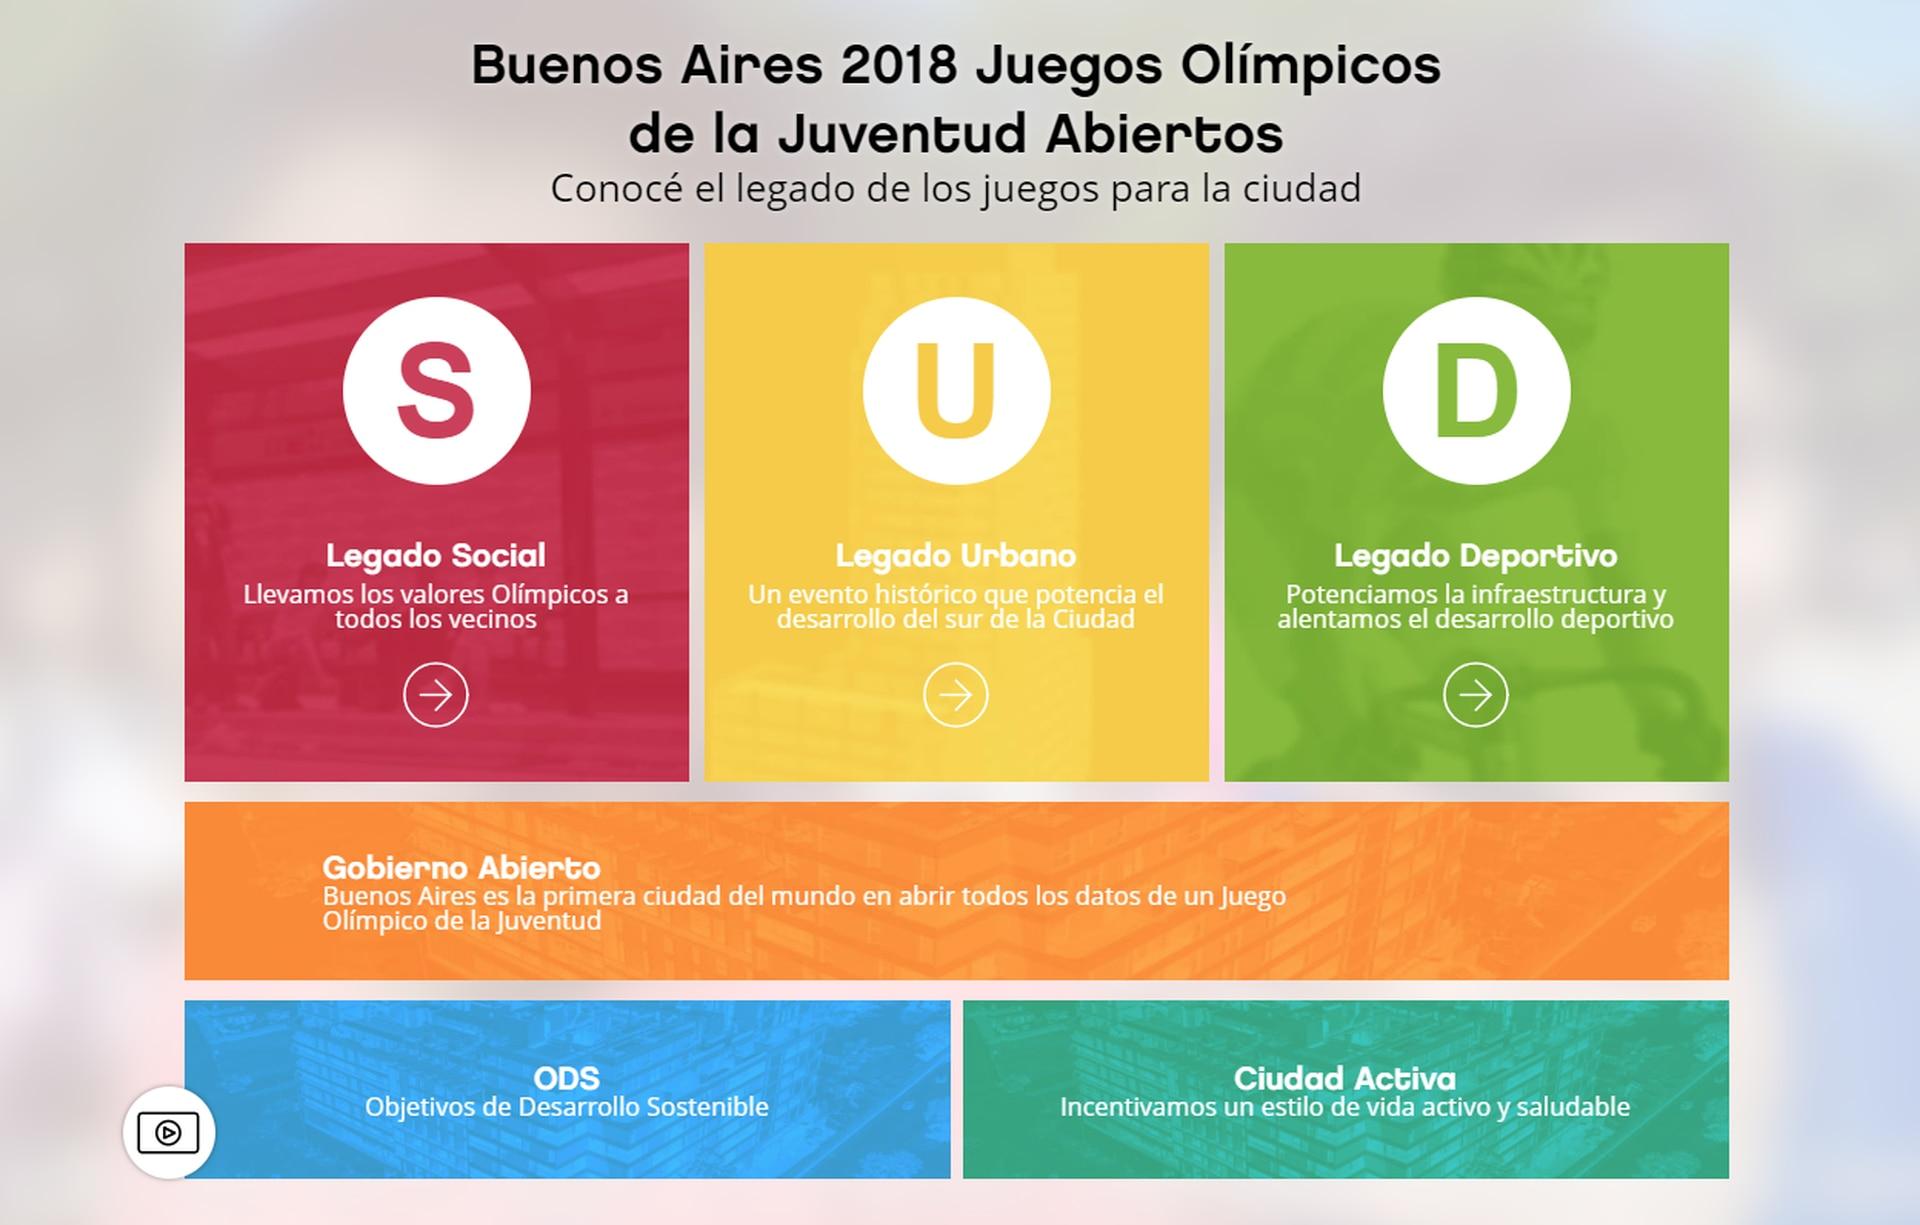 Sitio de los Juegos Olímpicos de la Juventud Abiertos